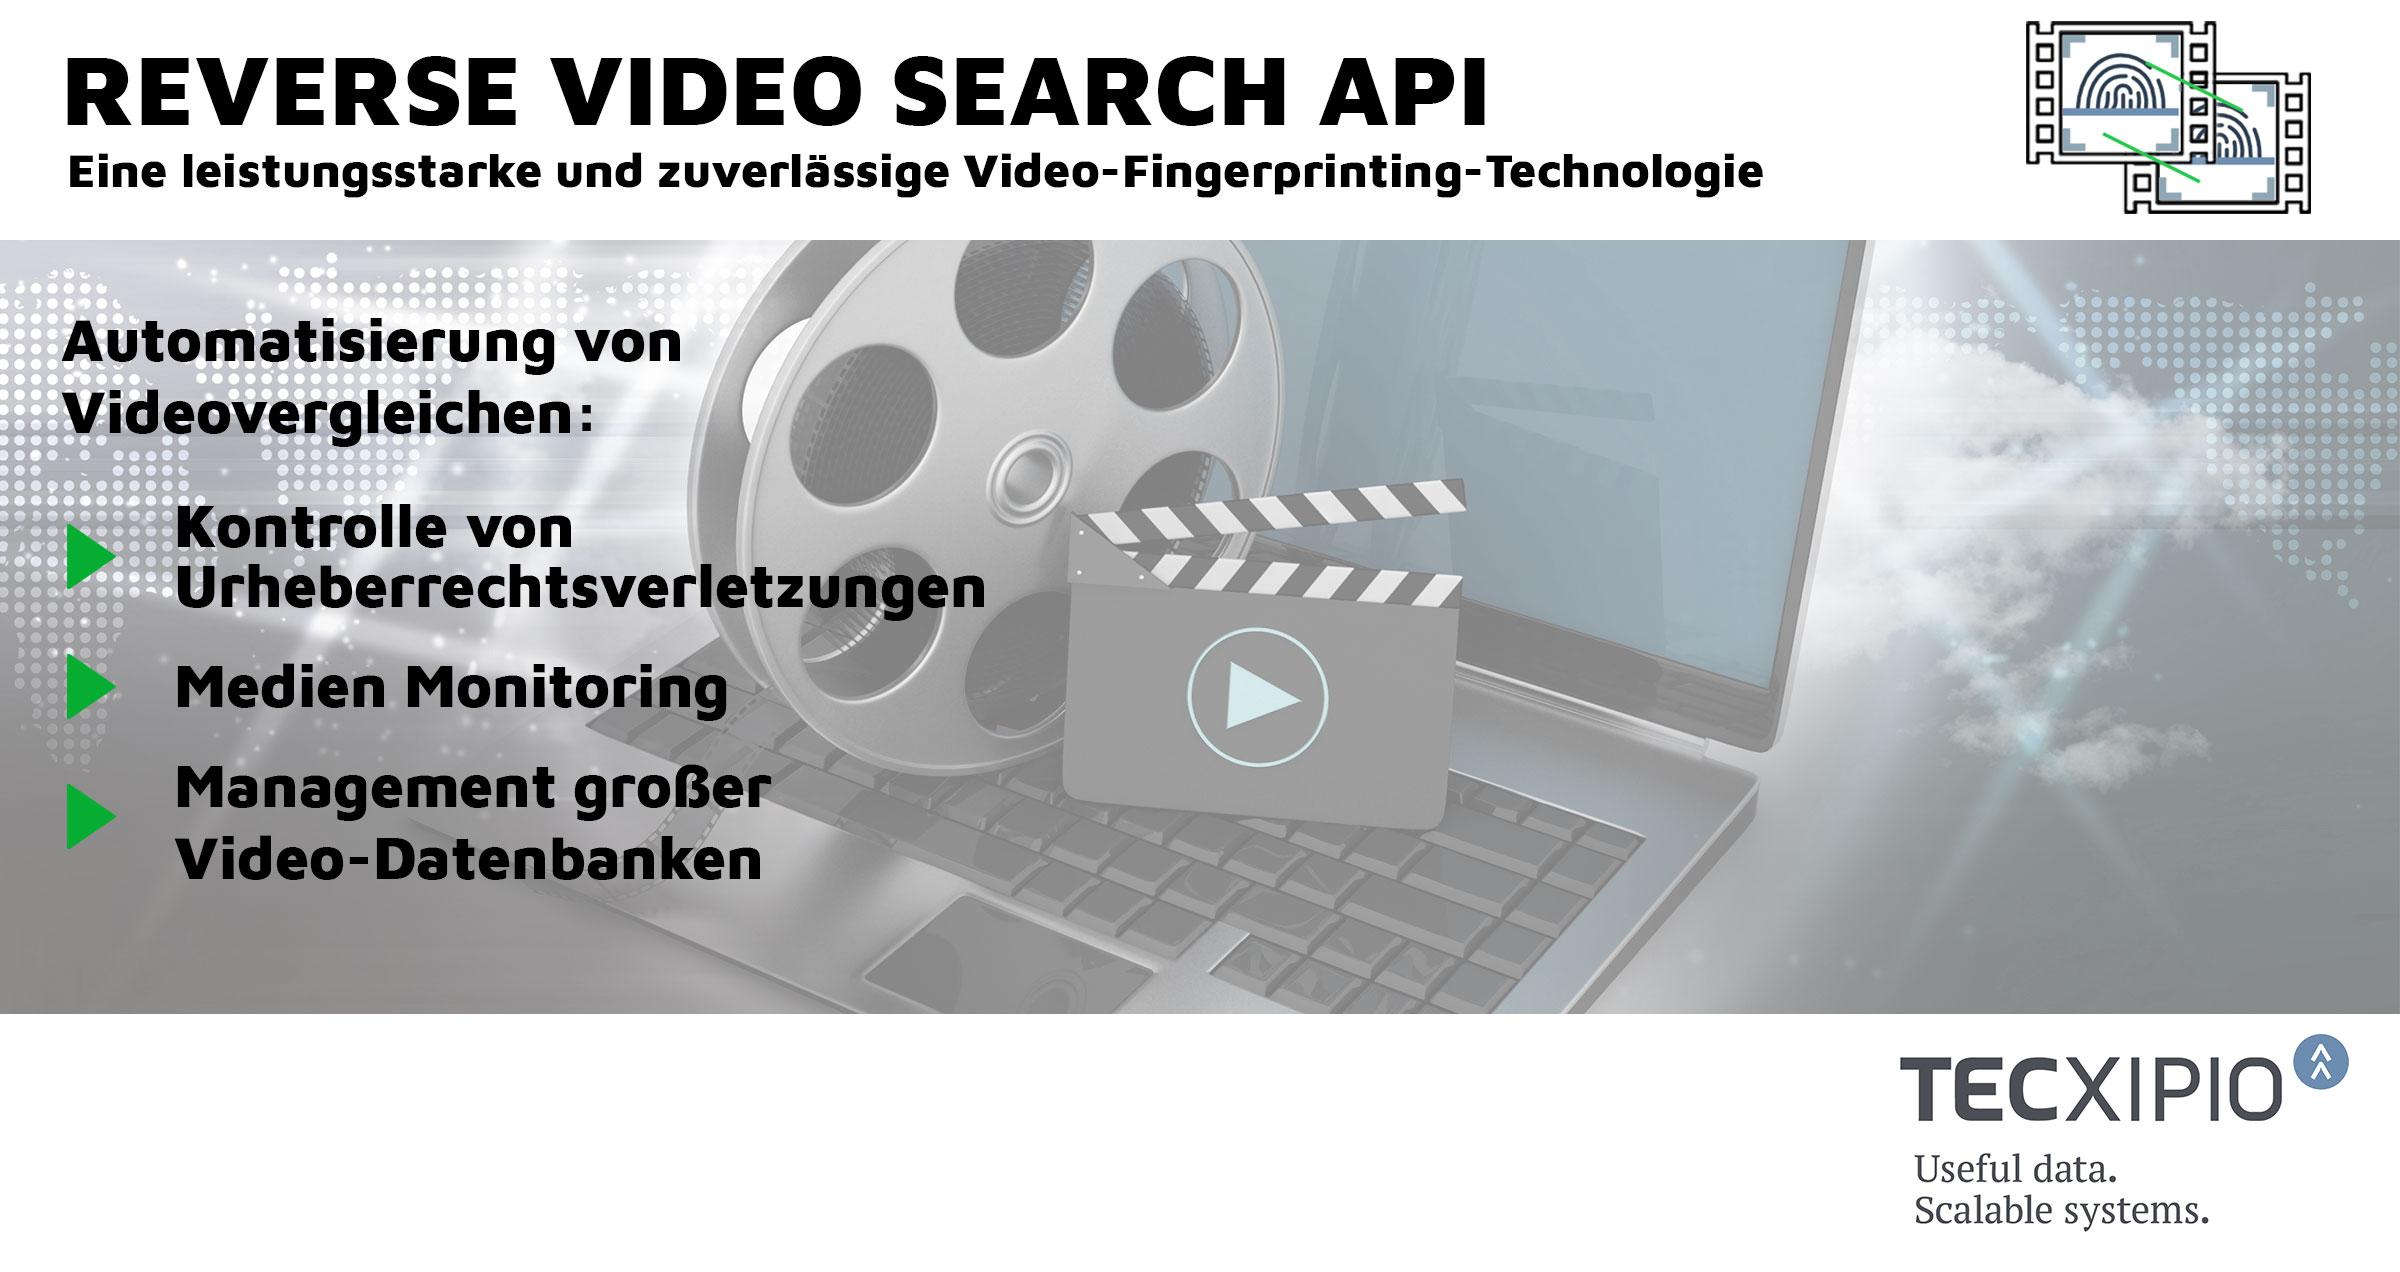 TECXIPIO bringt die Reverse Video Search API auf den Markt